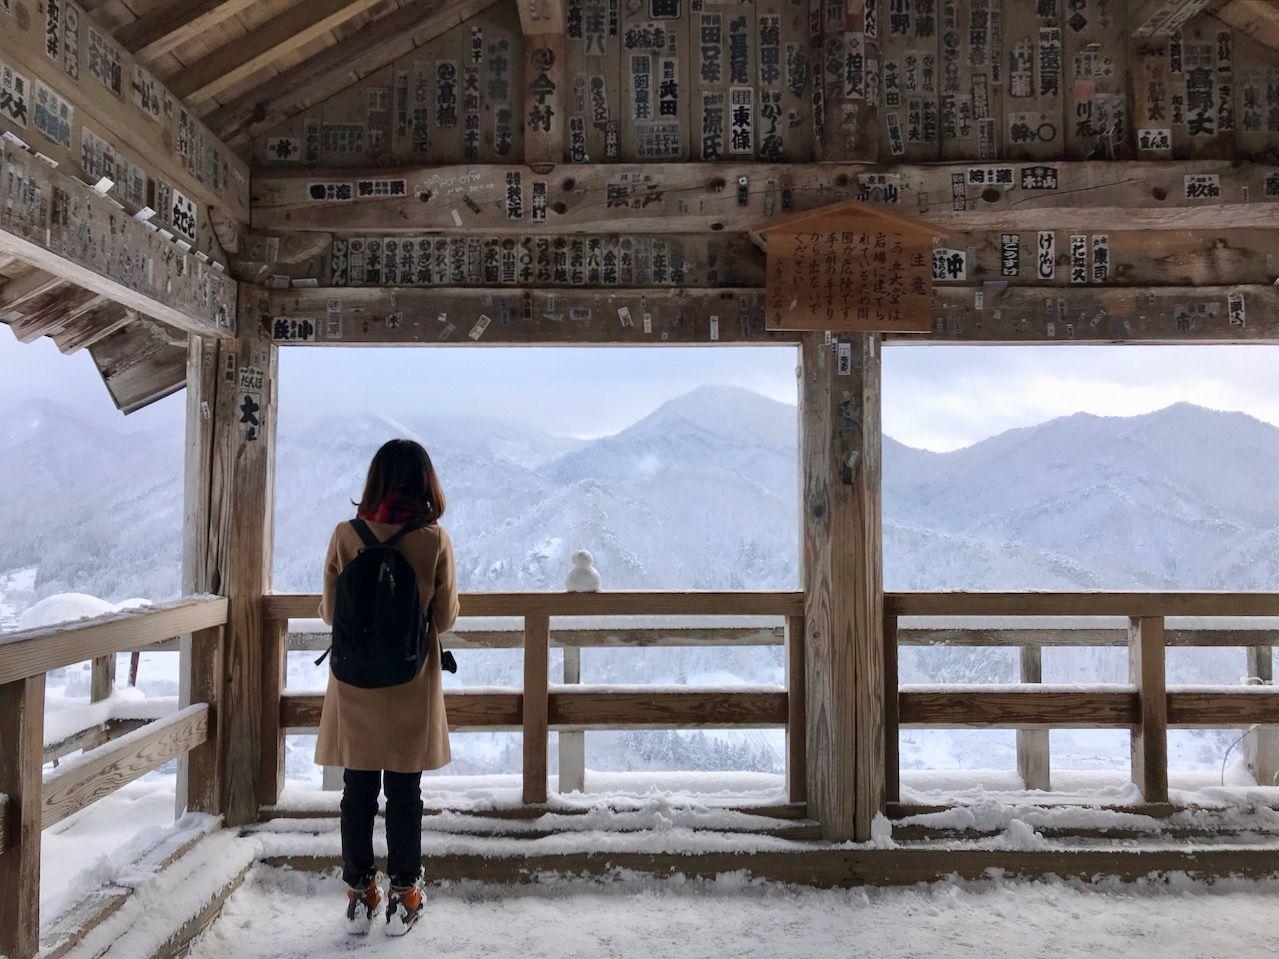 ふるえるほど美しい!山形「山寺」冬の雪景色は水墨画のよう